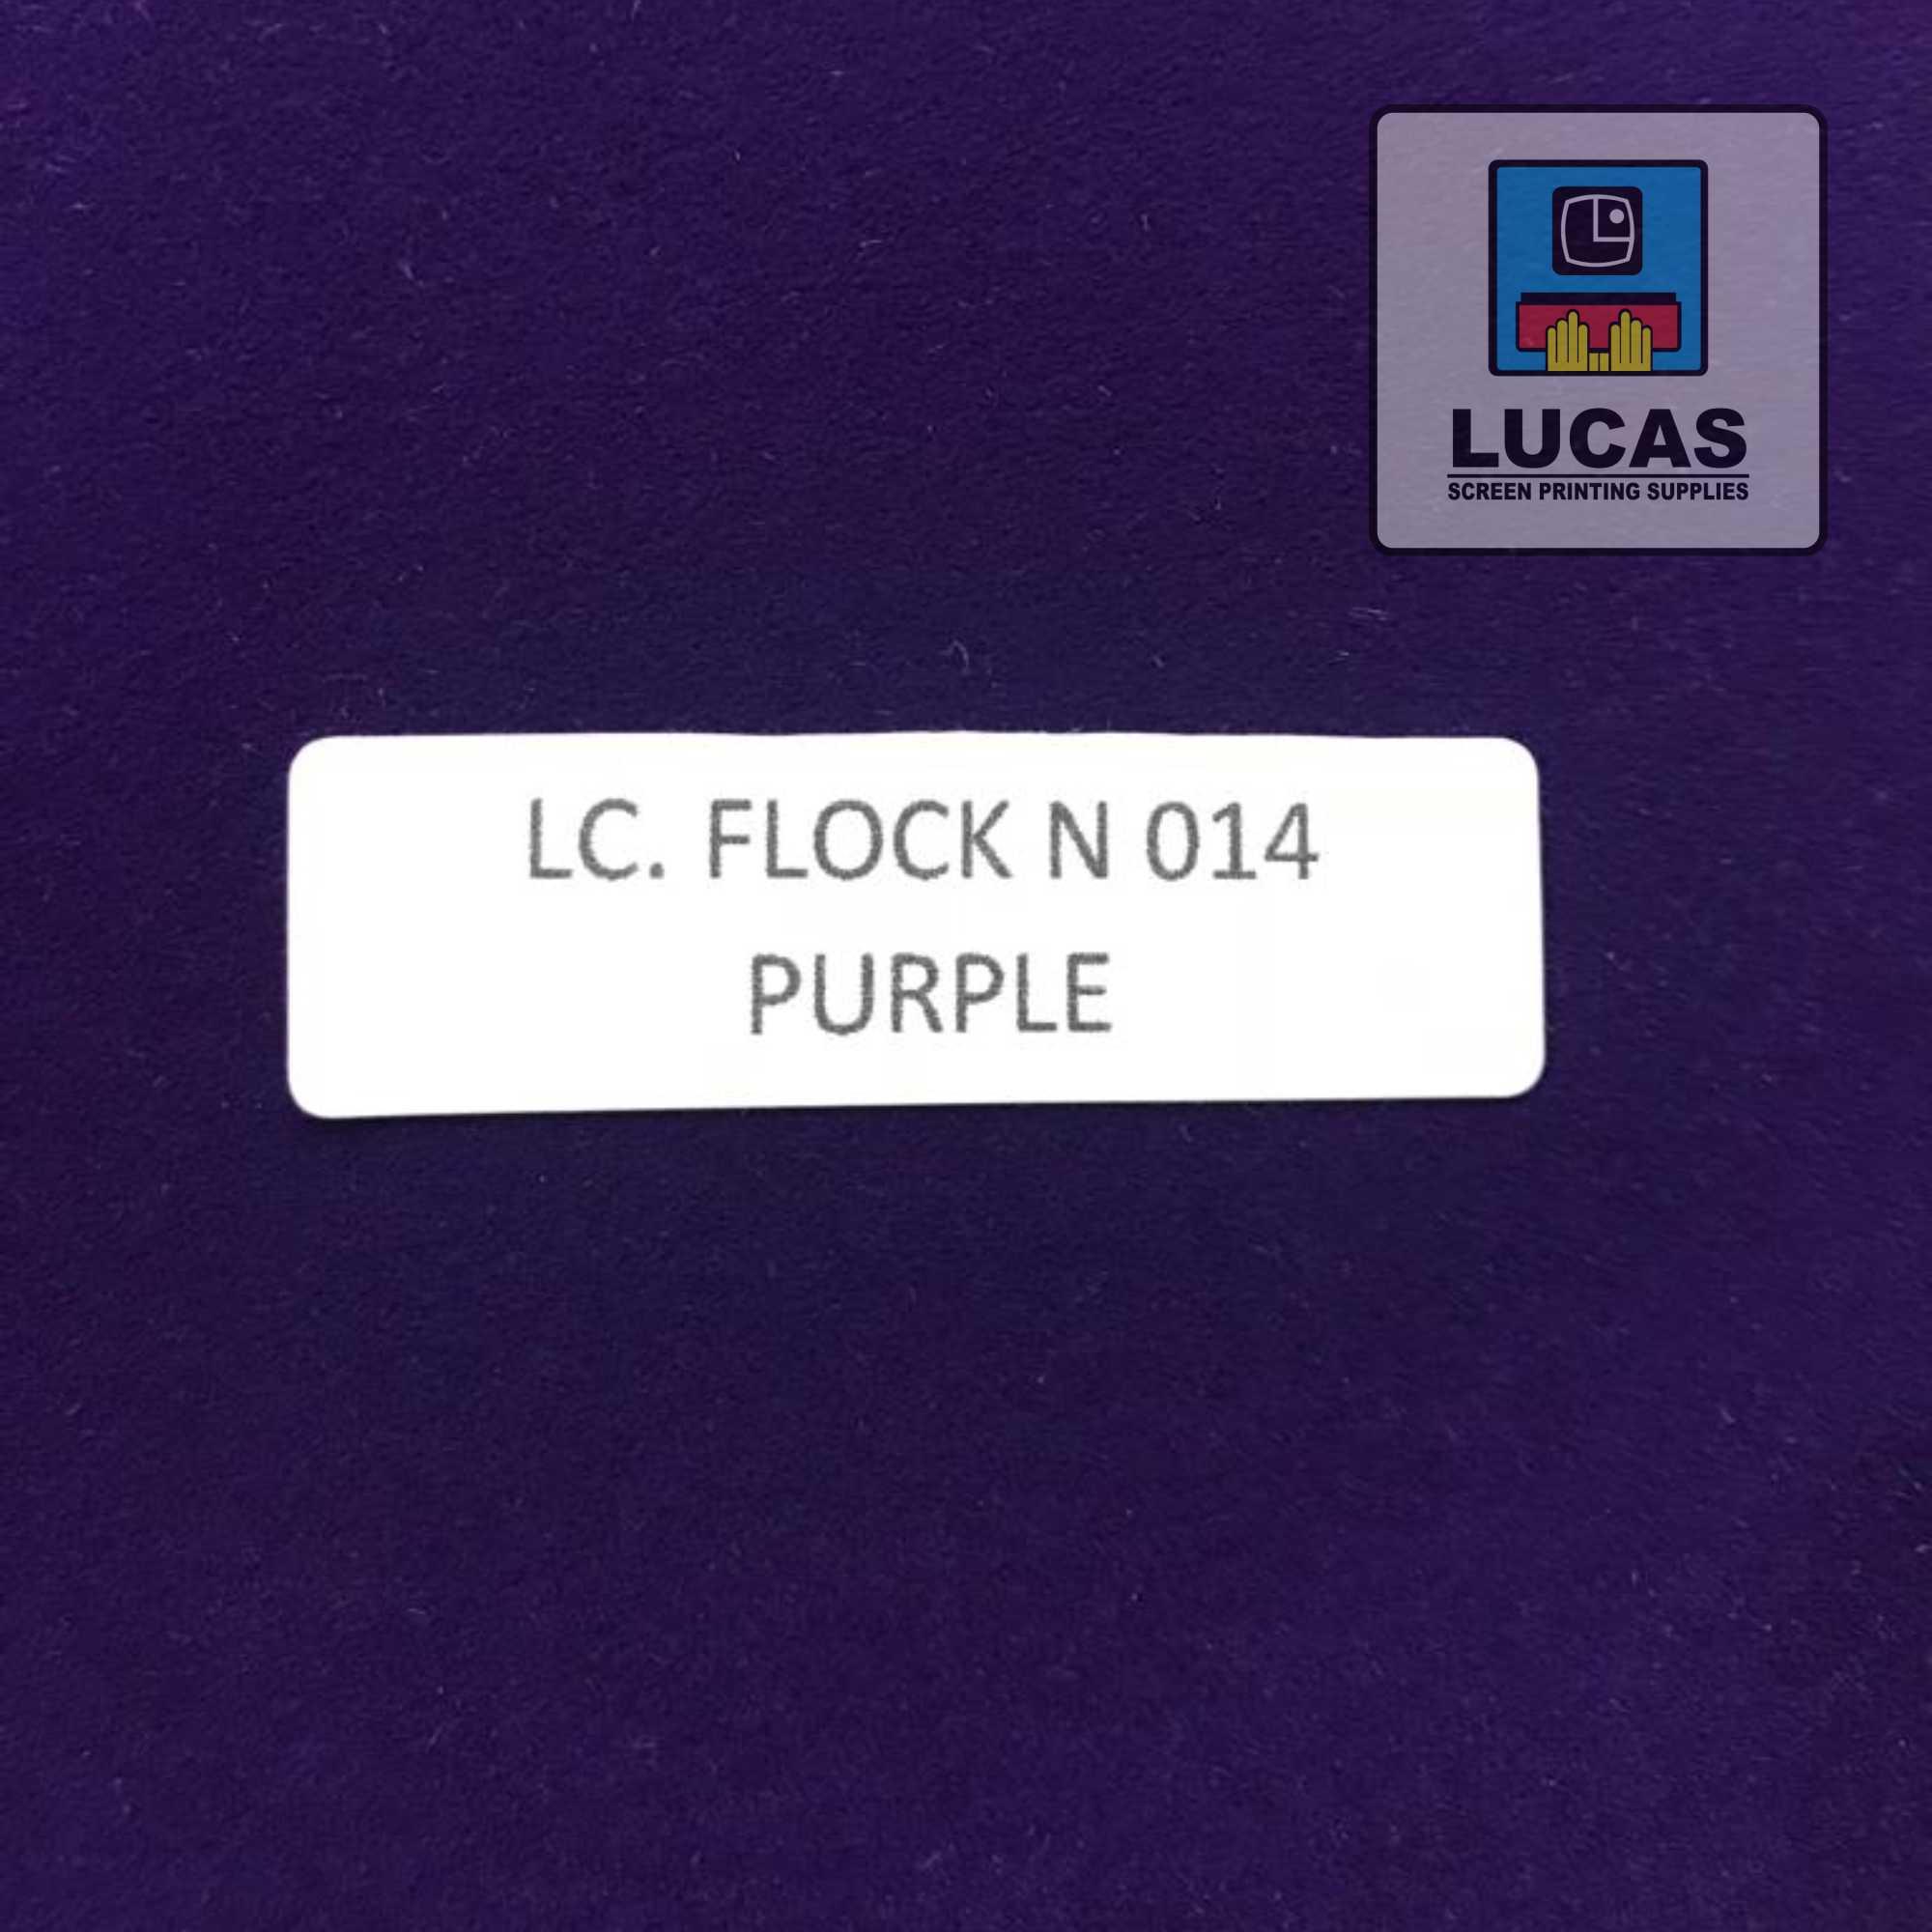 LC FLOCK N014 PURPLE.jpg